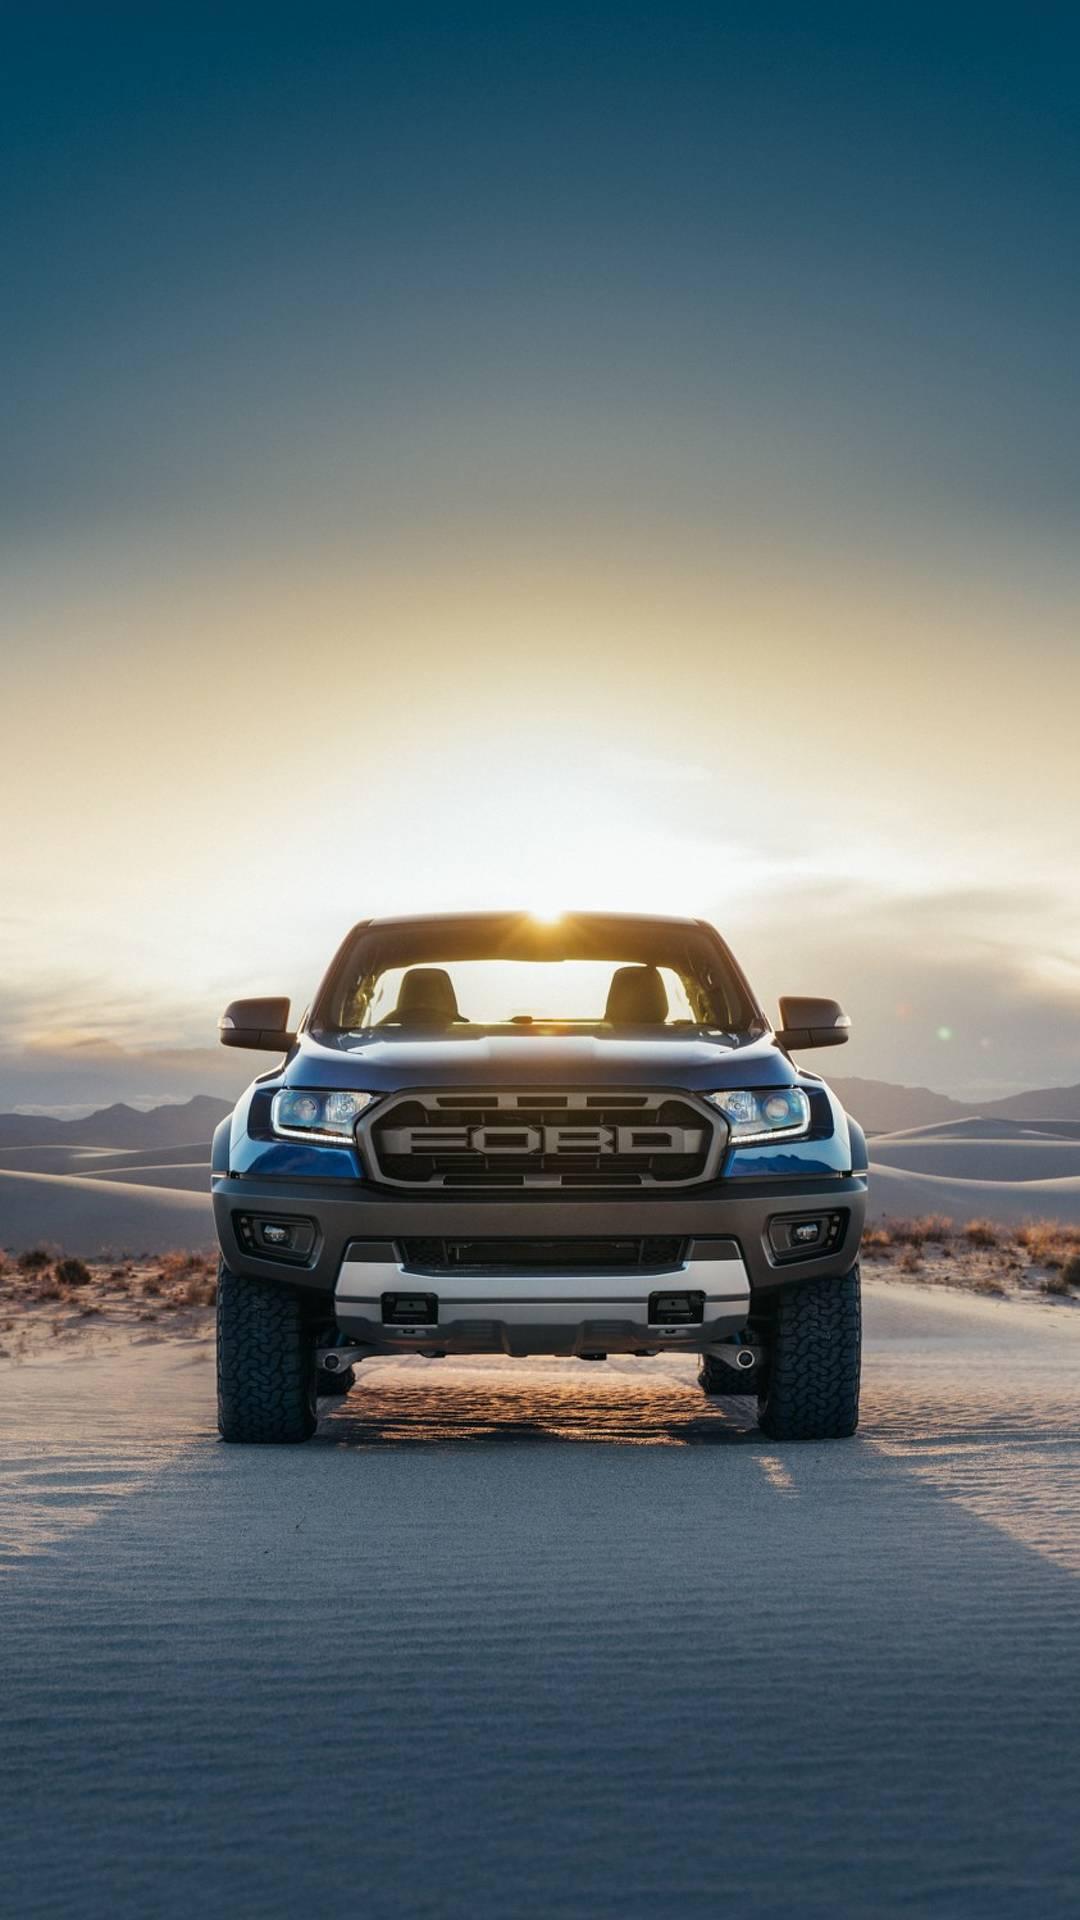 มาชม Ford Ranger Raptor 2018